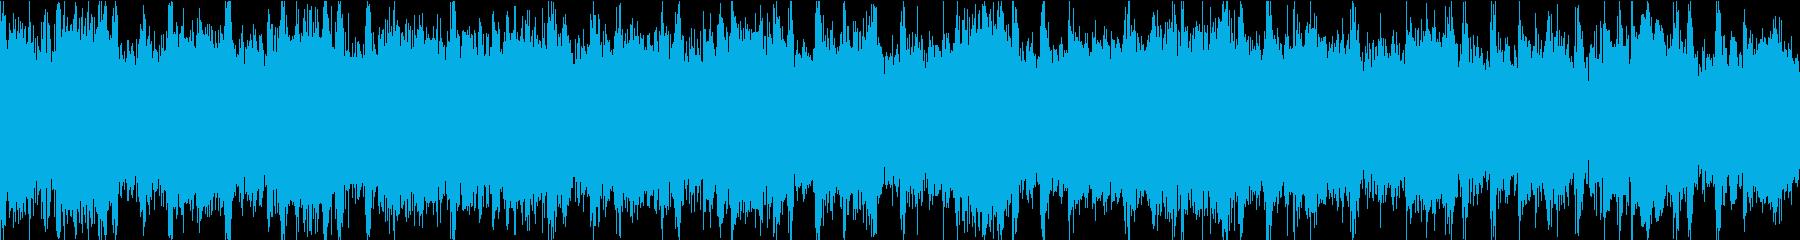 ドキュメンタリーやさしい曲1 ドラムありの再生済みの波形